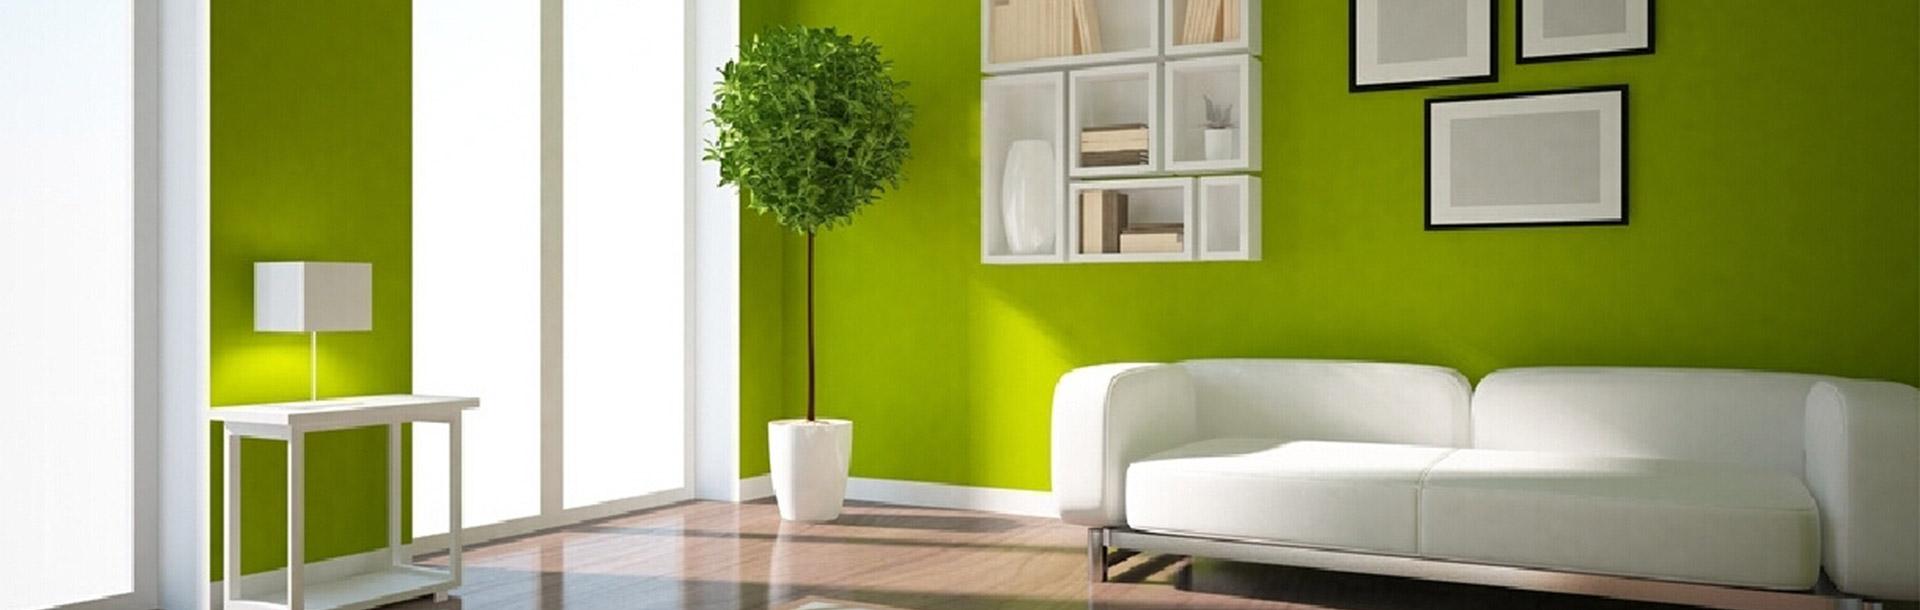 green room - ویژگی های رنگ در طراحی داخلی و اثرات روانی و فیزیولوژیکی آنها